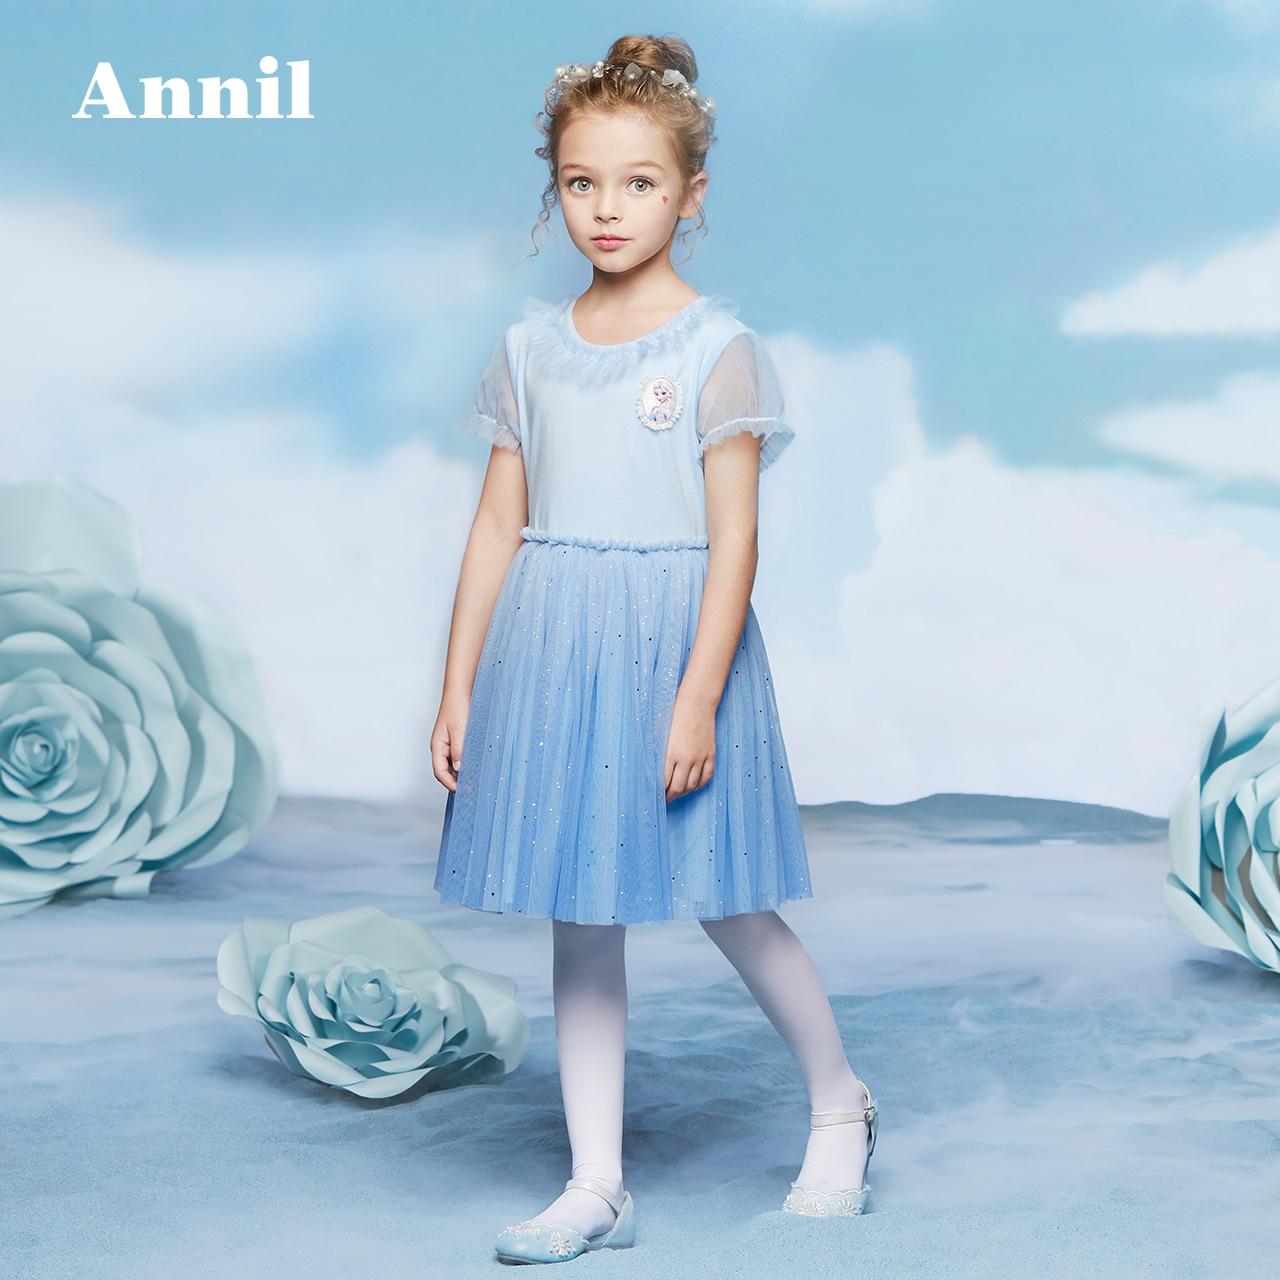 安奈儿童装女童连衣裙2018夏新款迪士尼爱莎公主蓬蓬裙EG823282可领取领券网提供的20元优惠券